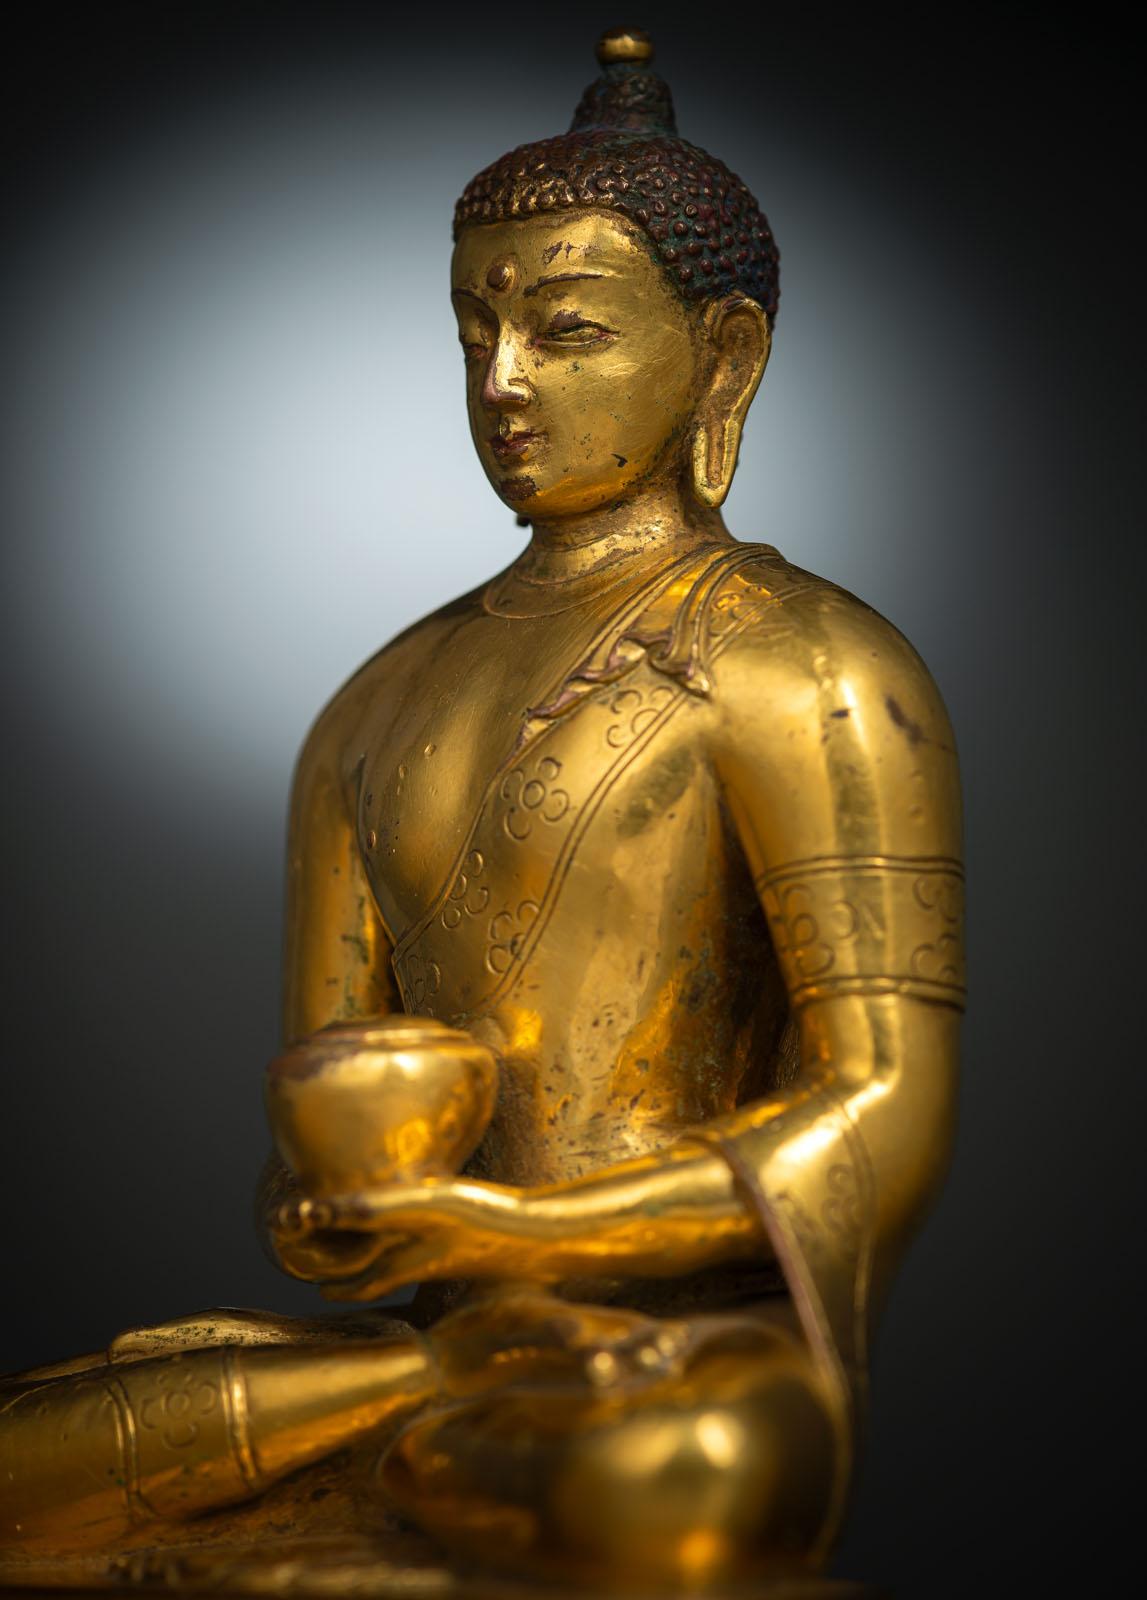 A FINE GILT-BRONZE FIGURE OF BUDDHA SHAKYAMUNI IN ZANABAZAR STYLE - Image 5 of 10